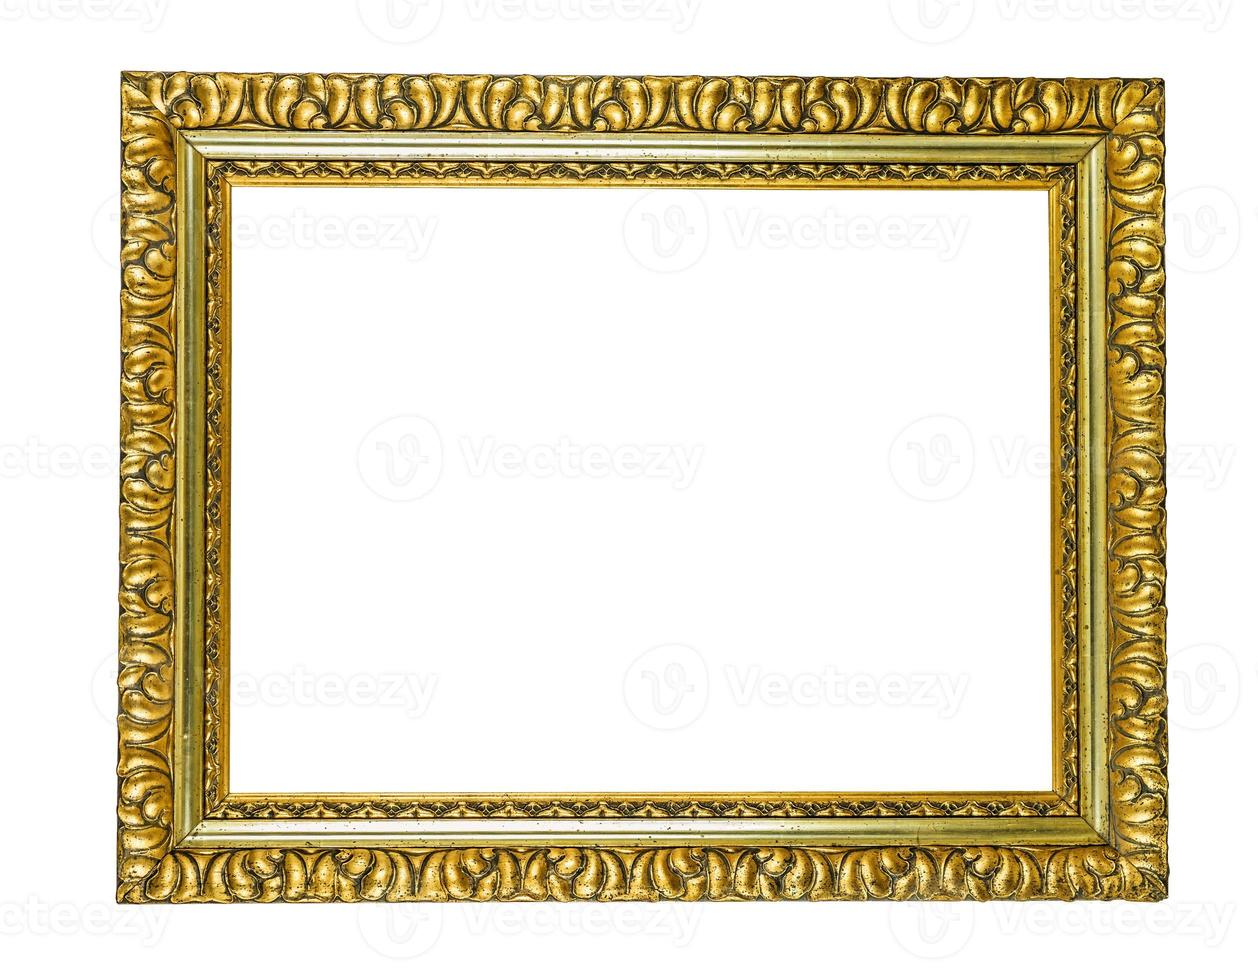 moldura dourada antiga foto